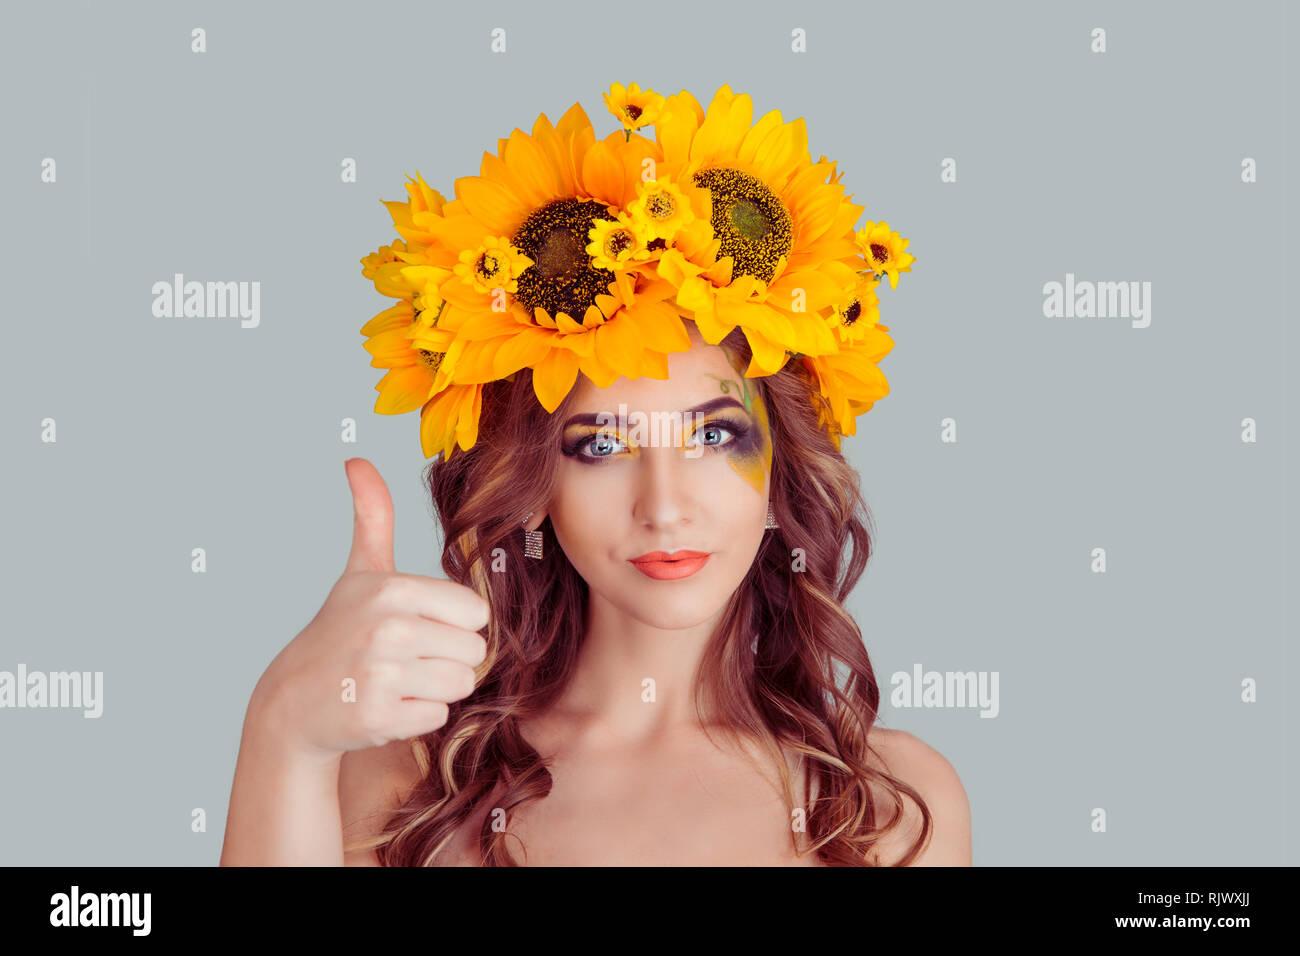 Felice giovane donna con fascia floreale che mostra i pollici come segno di mano. Ragazza con corona da girasoli sulla testa isolata su uno sfondo grigio con cop Foto Stock